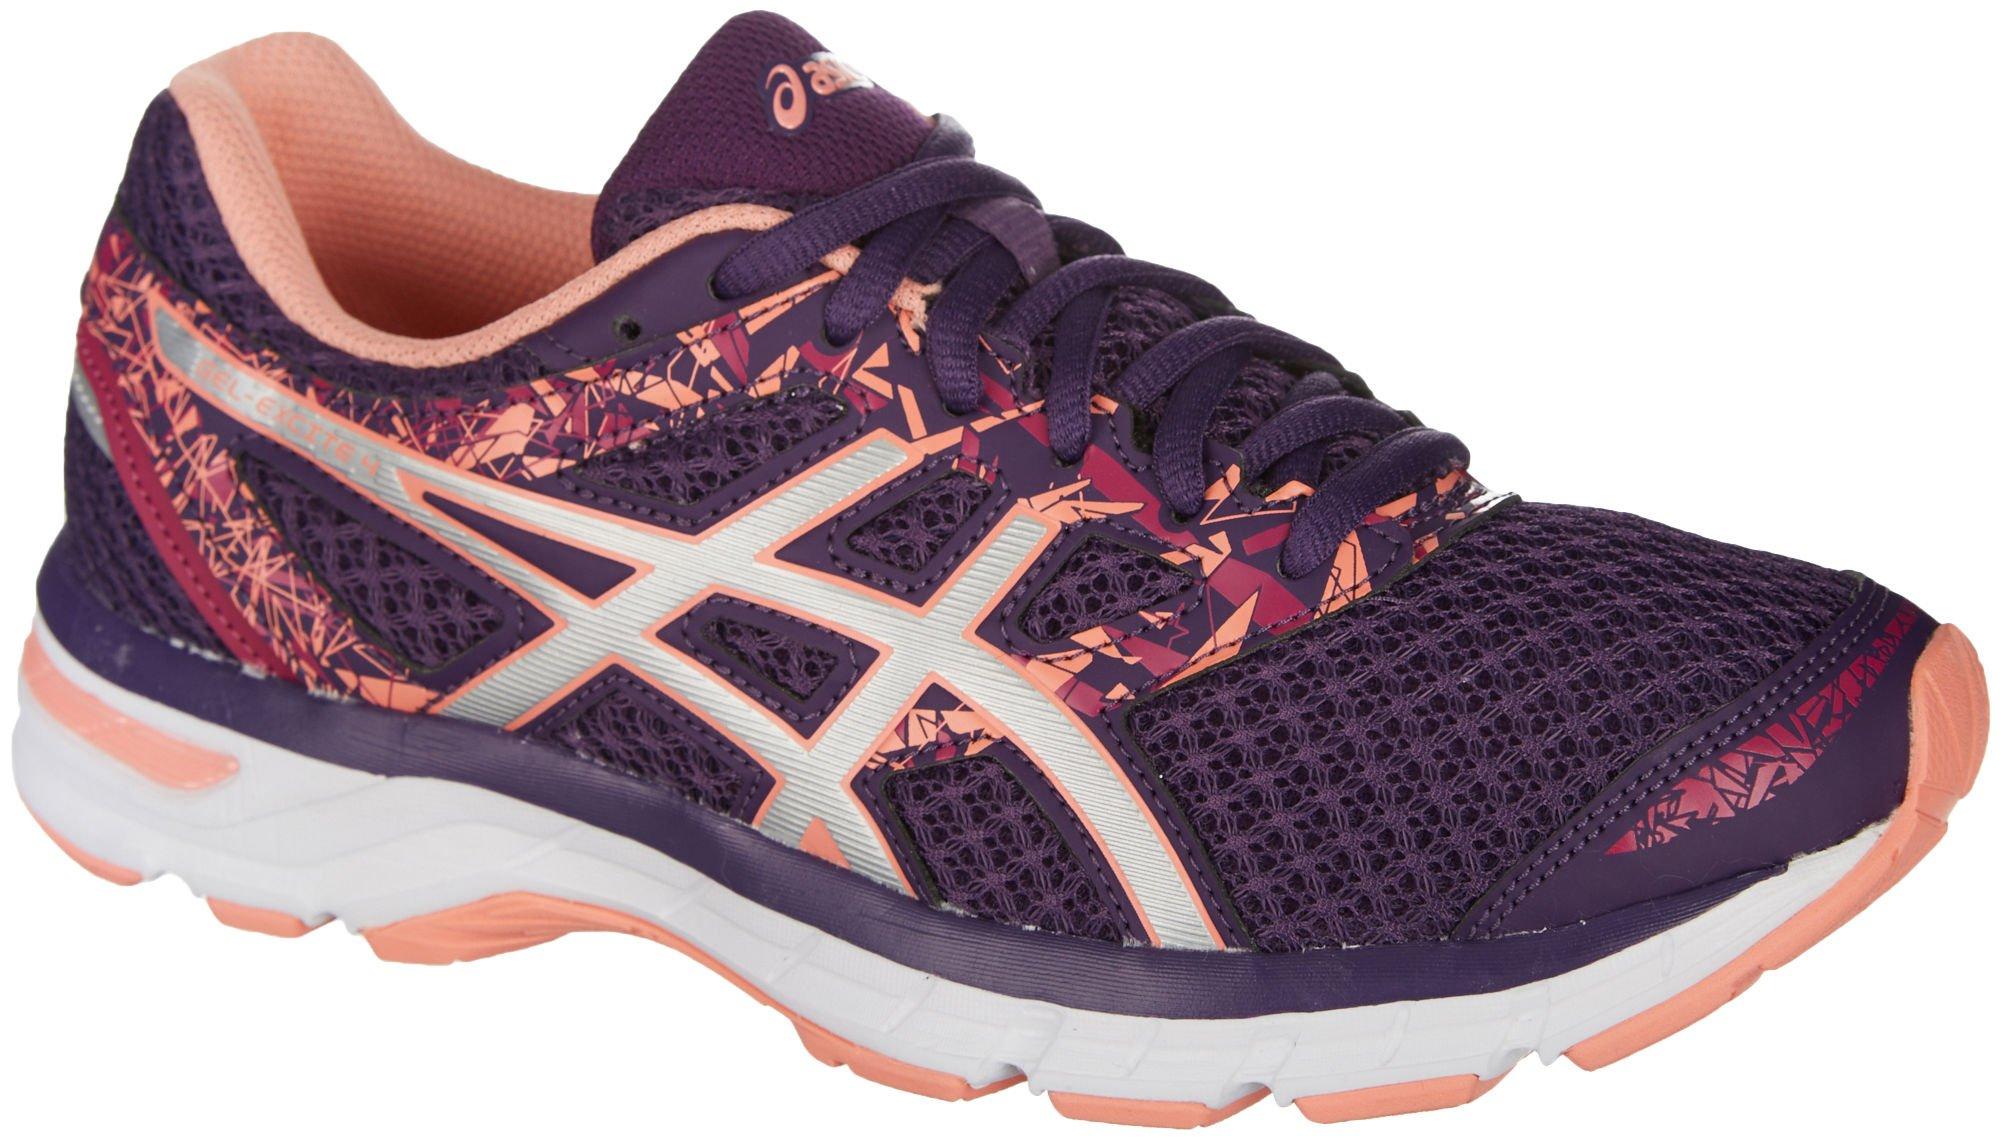 ASICS Womens Gel-Excite 4 Running Shoe, Grape/Silver/Begonia Pink, 8 B(M) US